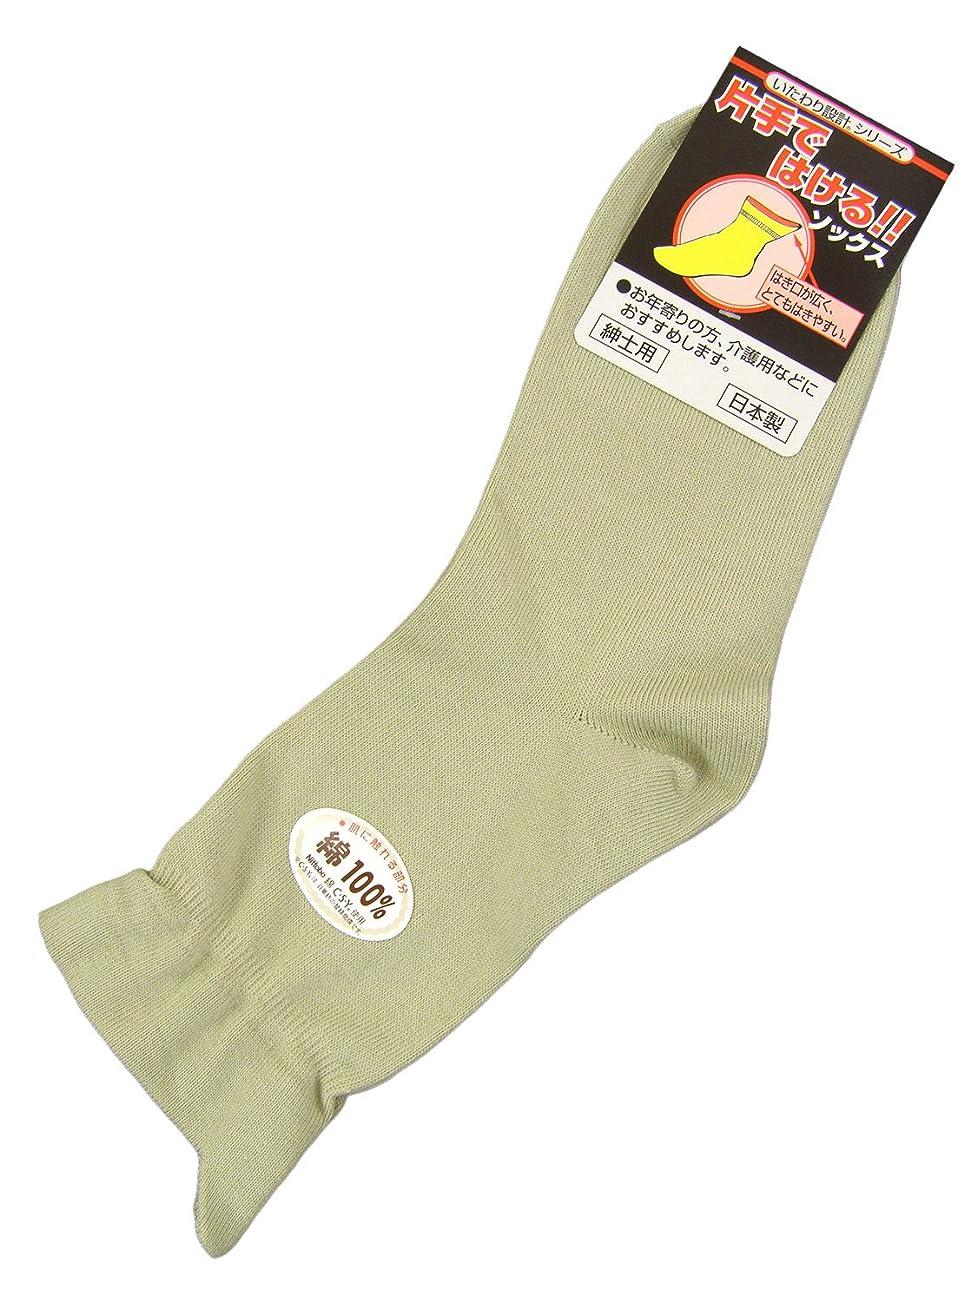 掘る対人寝室片手ではける!紳士ソックス 綿混 いたわり設計シリーズ T13008 グリーン 24-26